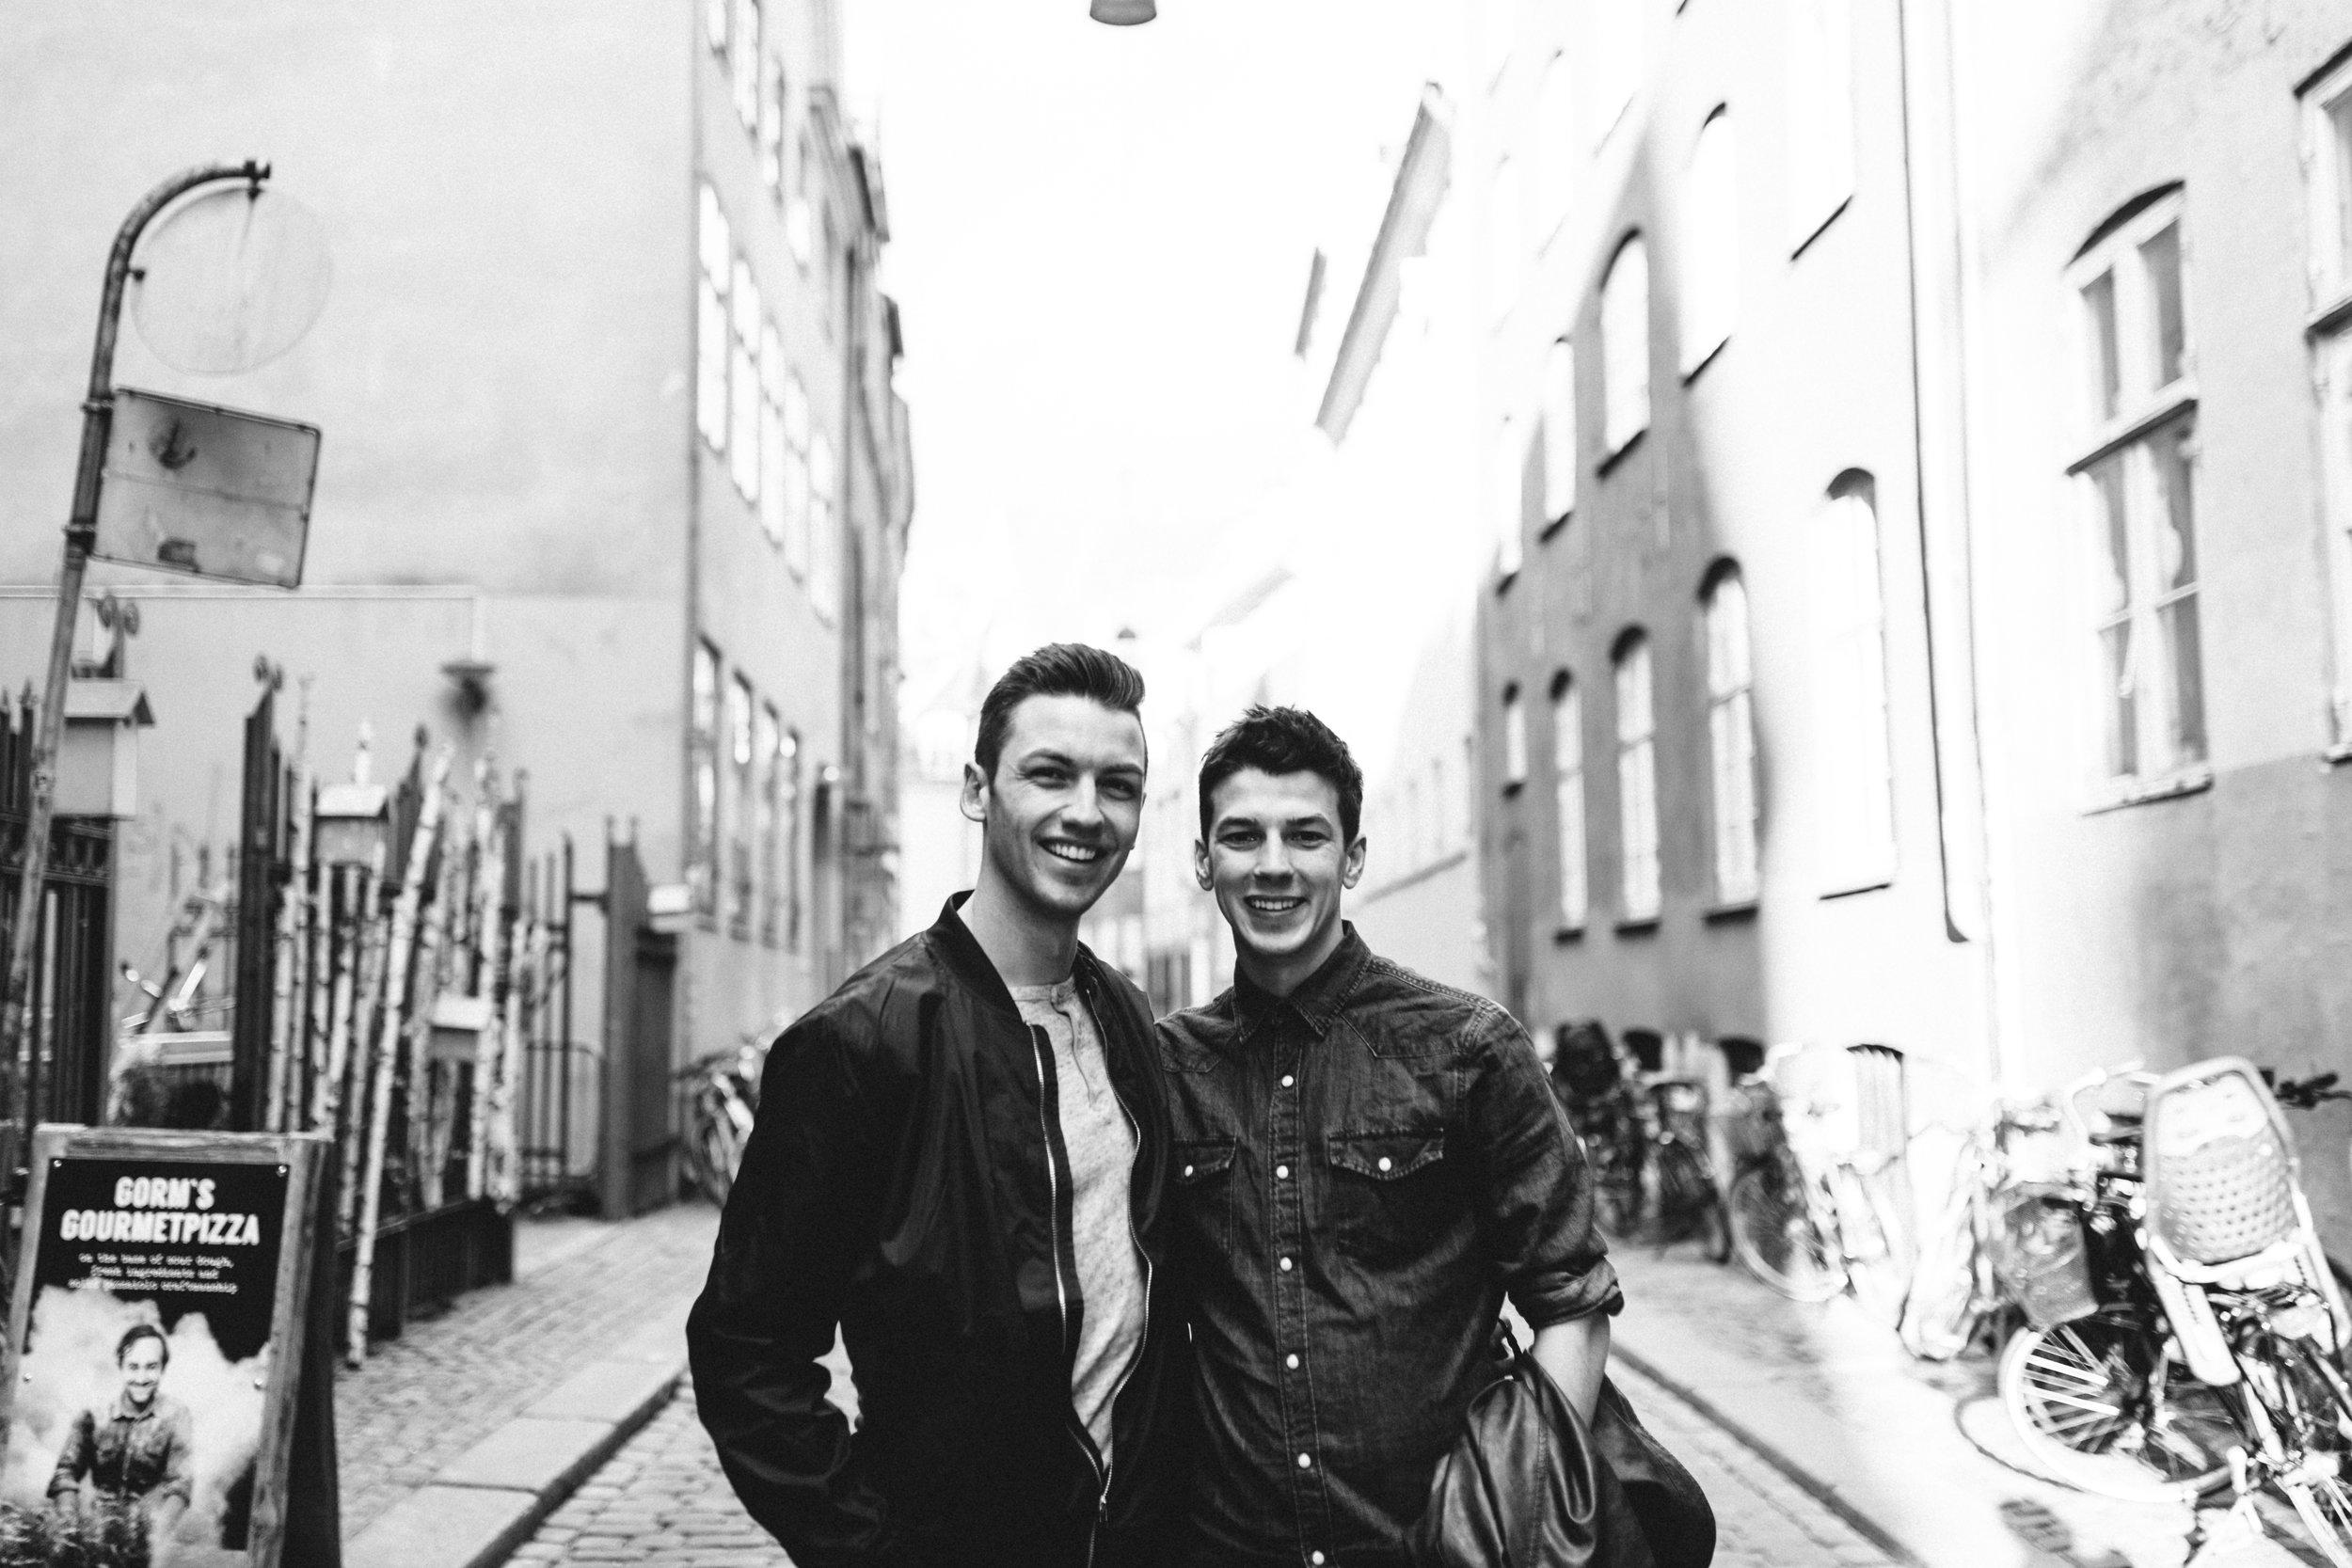 Michael and Matthew in Copenhagen